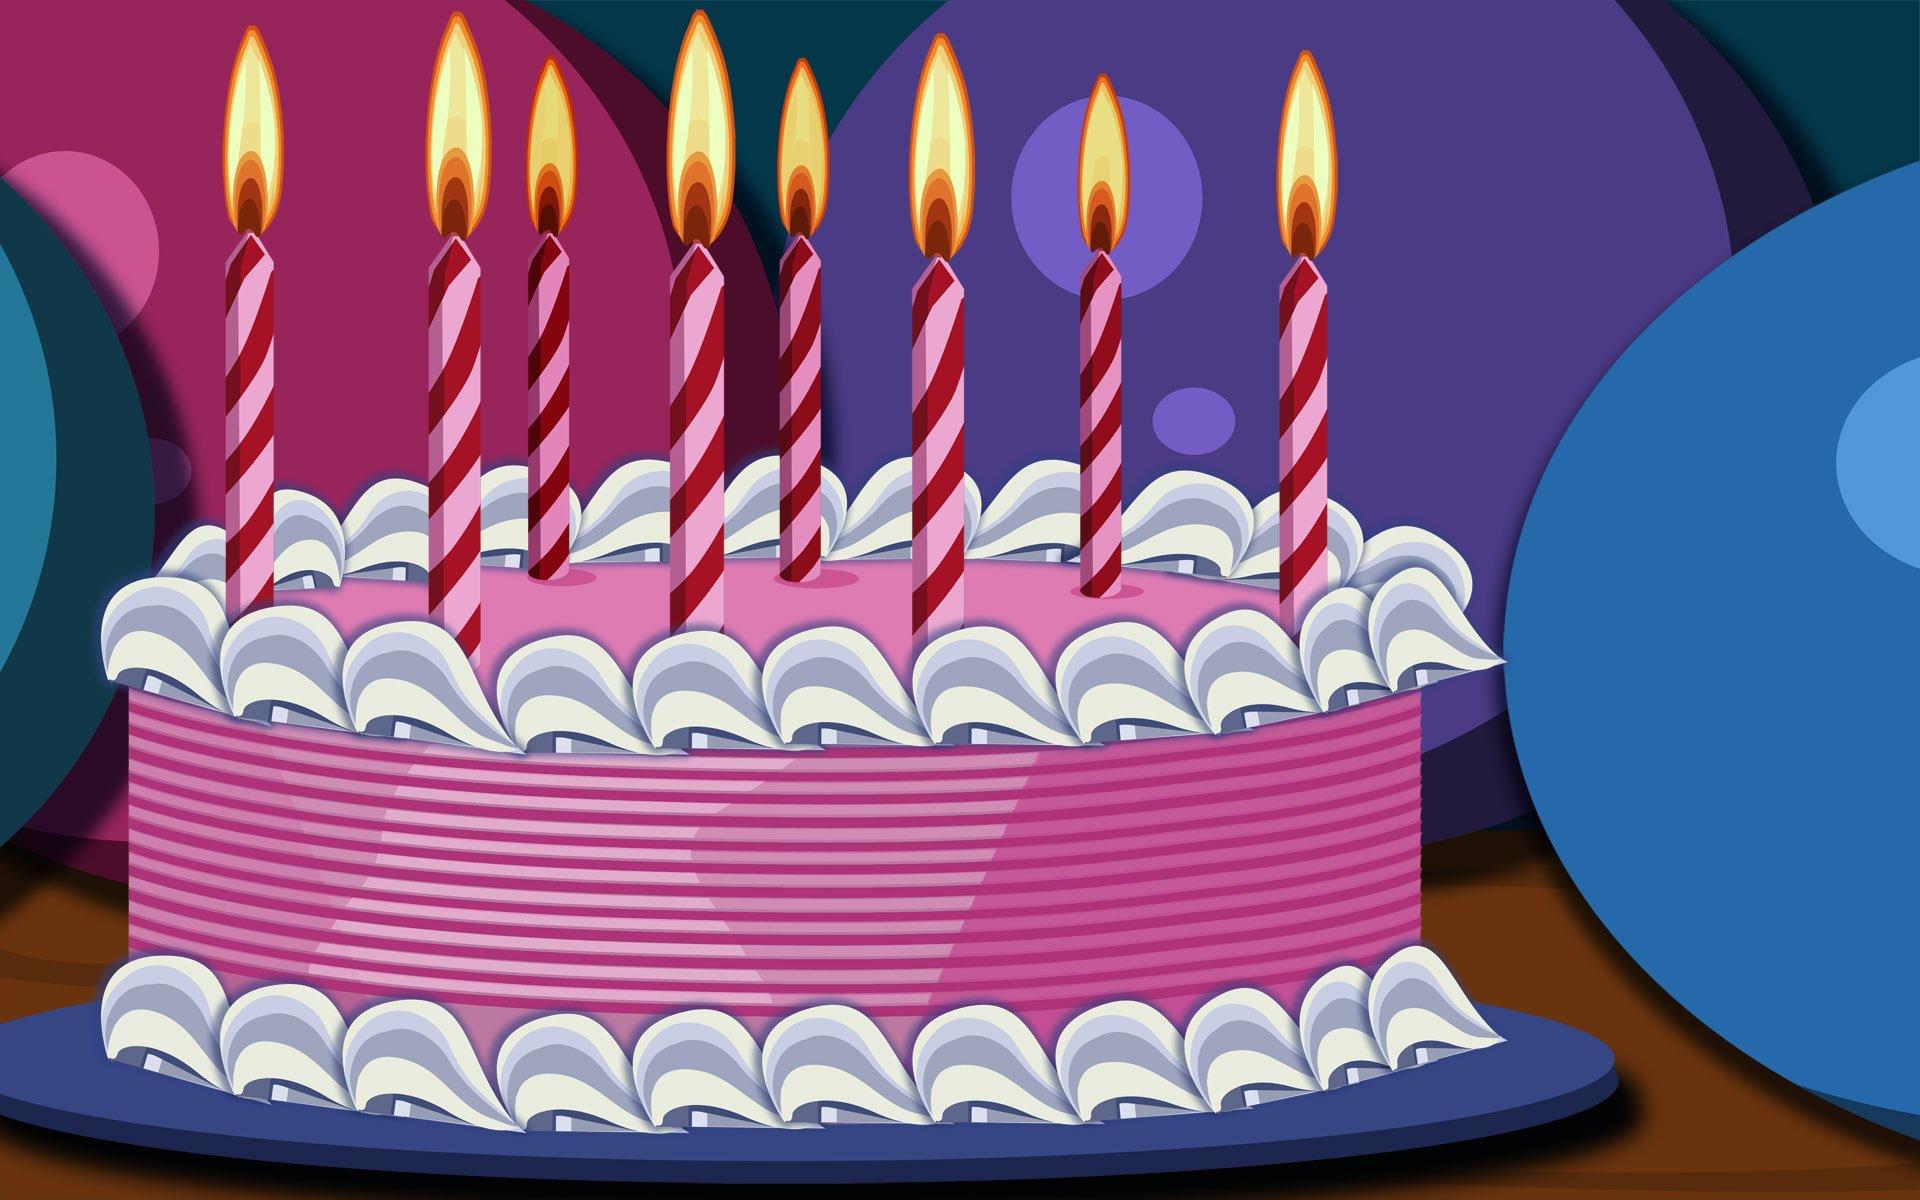 Image Happy Birthday Cake 1920x1200g Cytus Wiki Fandom